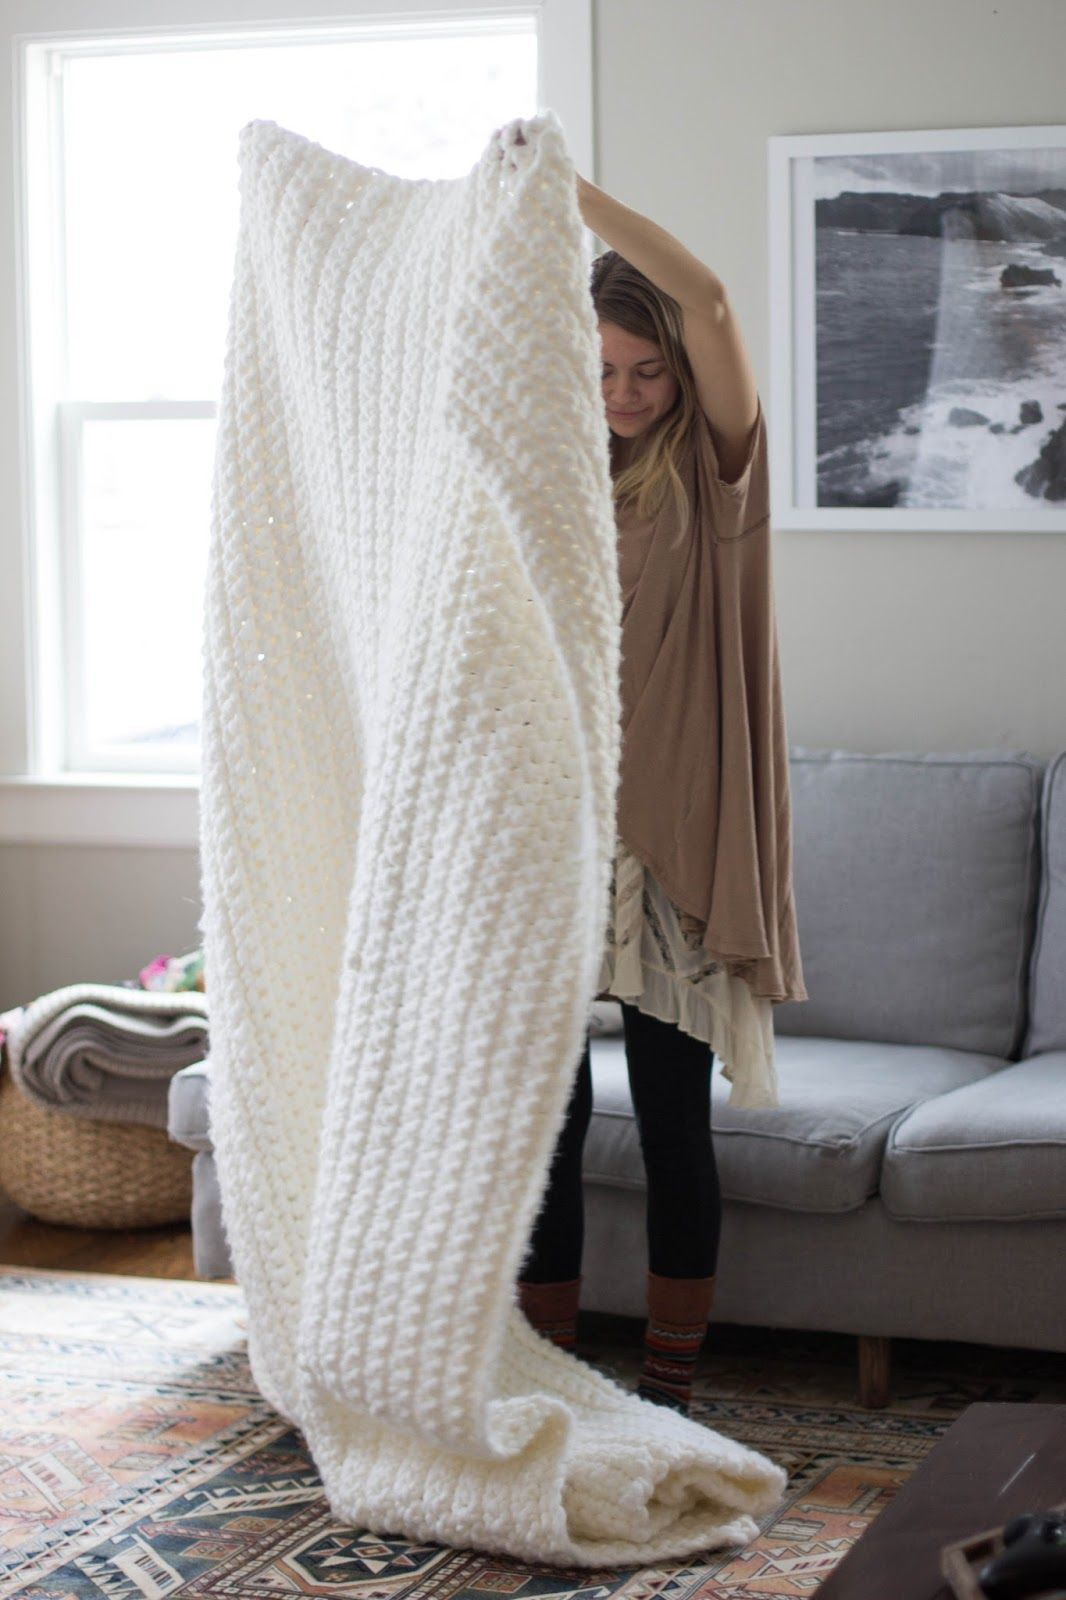 die besten 25 gro e decken ideen auf pinterest schalkurs deckenschal und schal trageideen. Black Bedroom Furniture Sets. Home Design Ideas